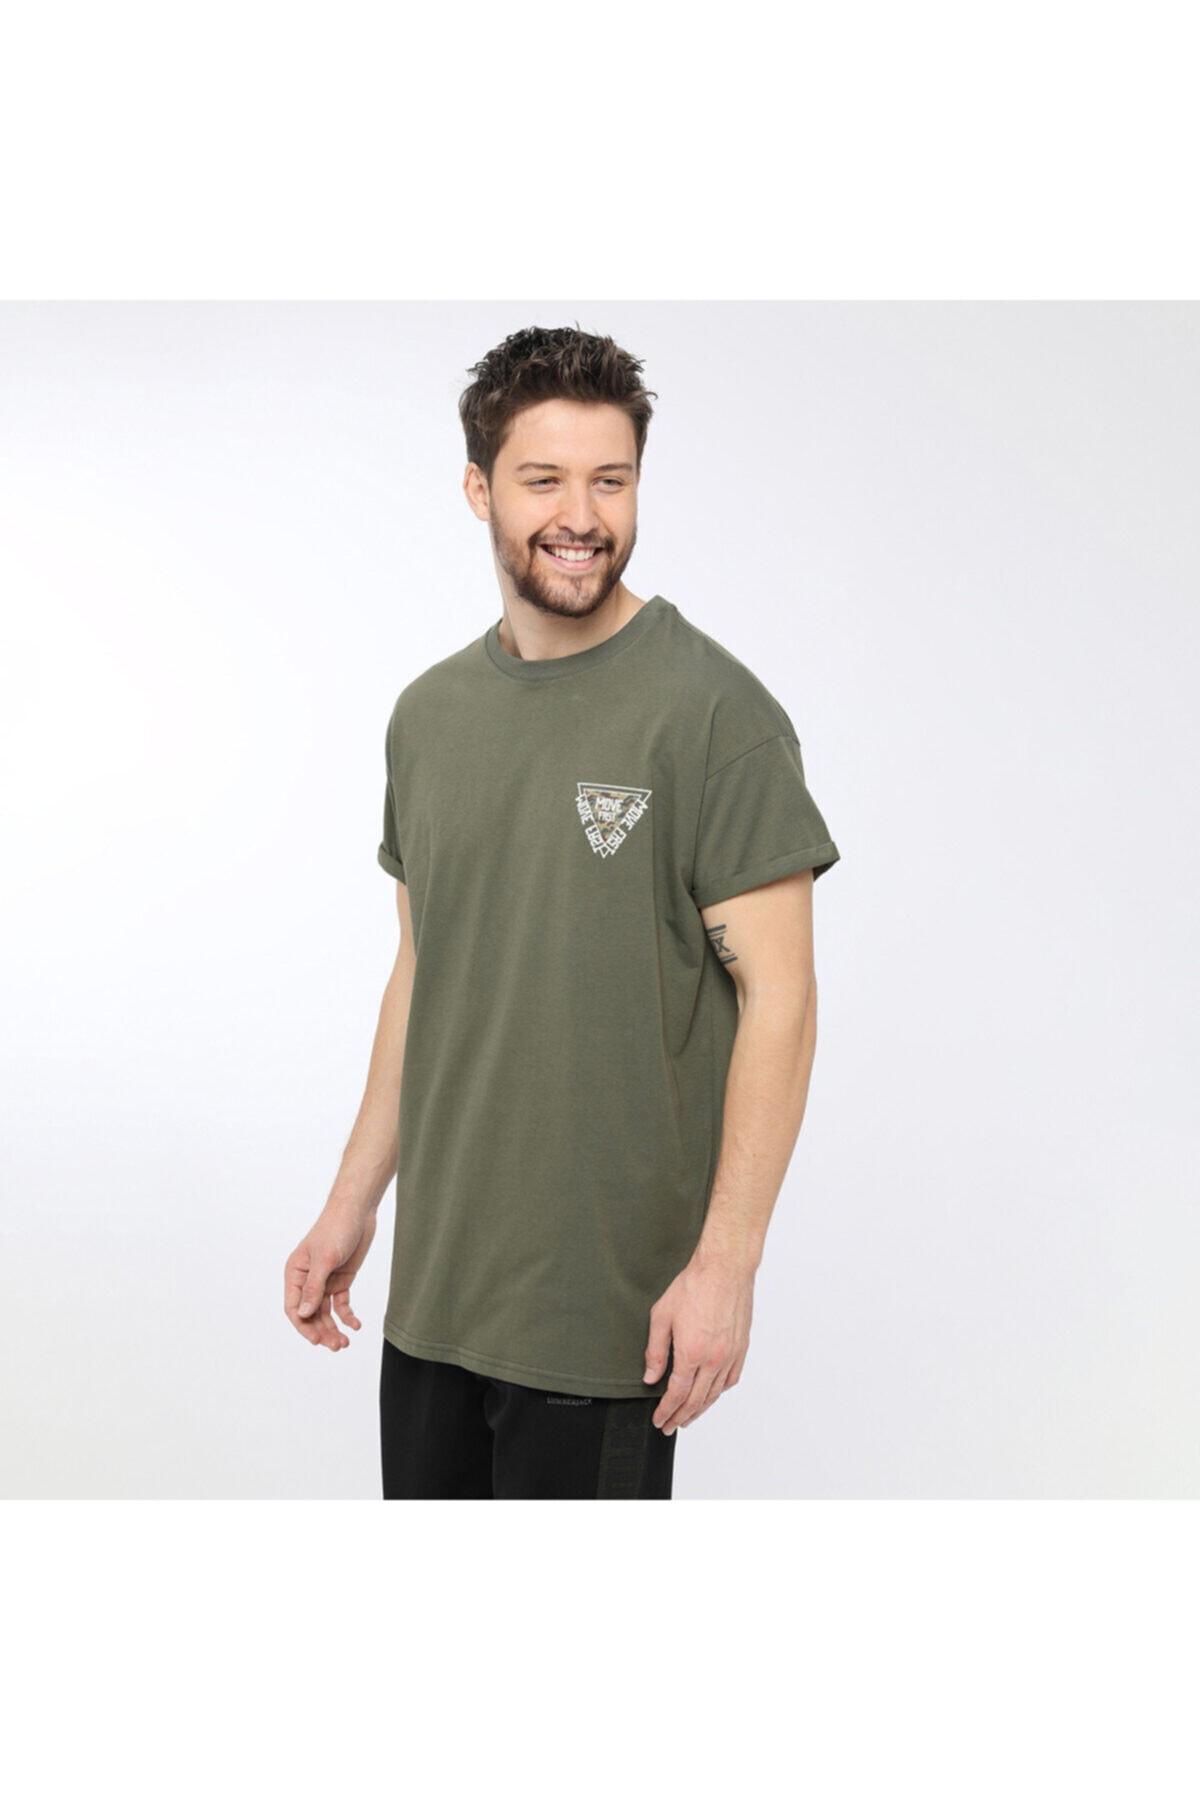 SIMON CHESTPRINT T-SHIRT Haki Erkek T-Shirt 100581155